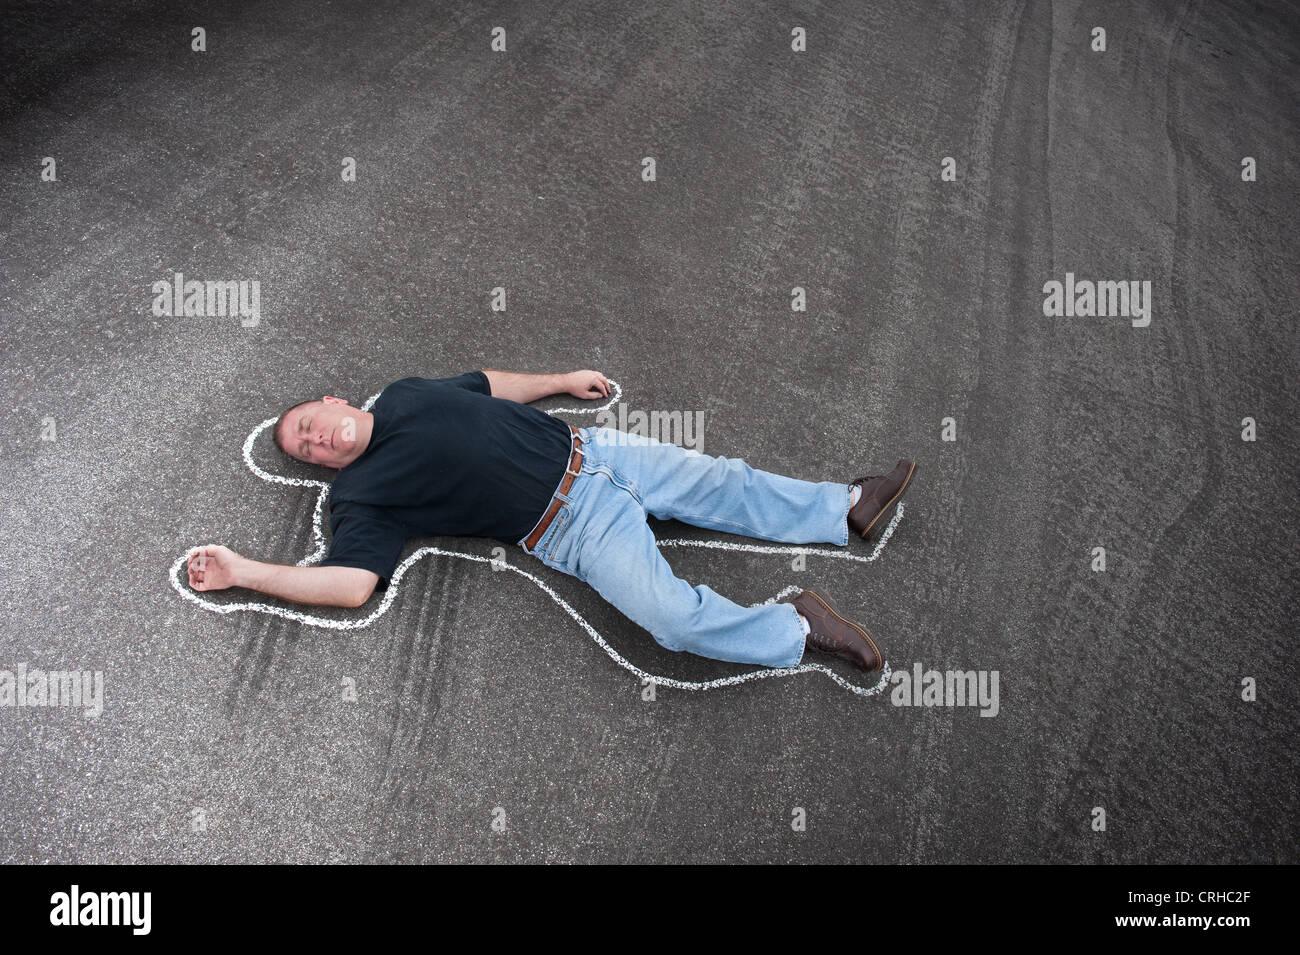 Un uomo morto in strada delineata con chalk dalla scena del crimine gli investigatori. Immagini Stock